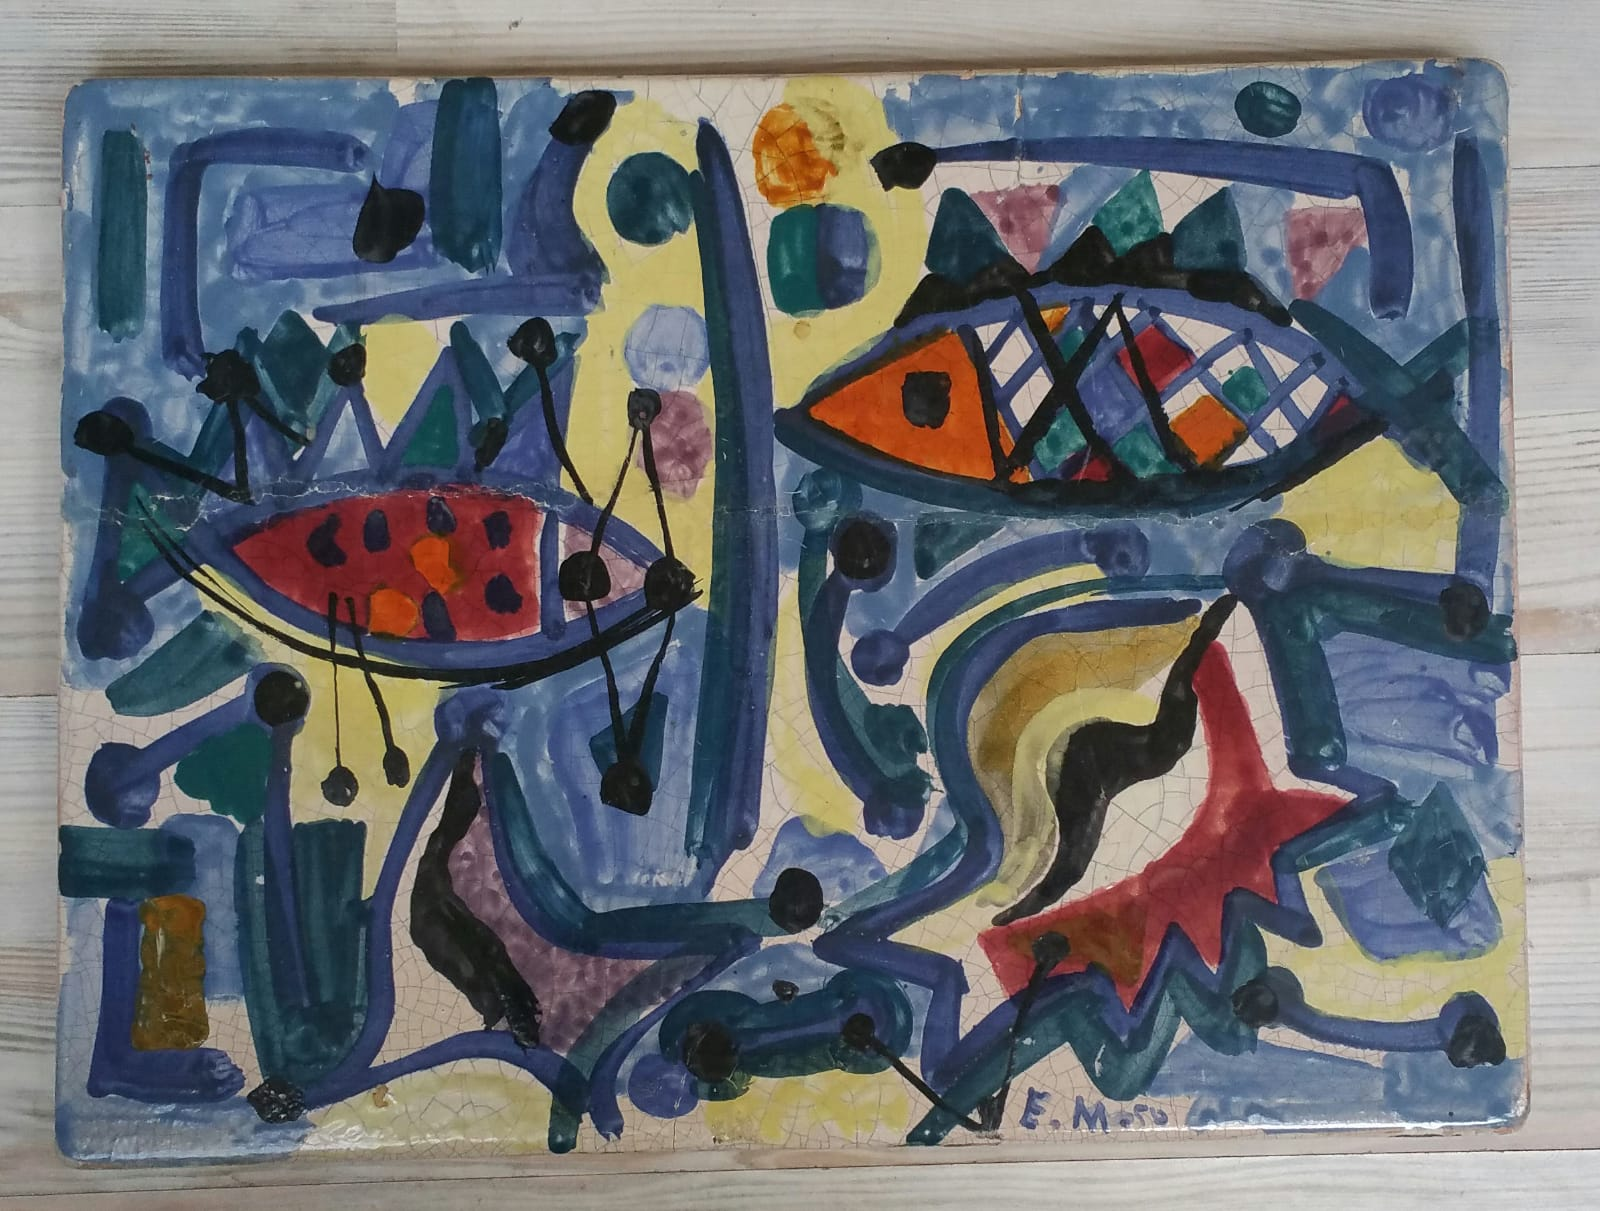 Divlje ribe iz 1950